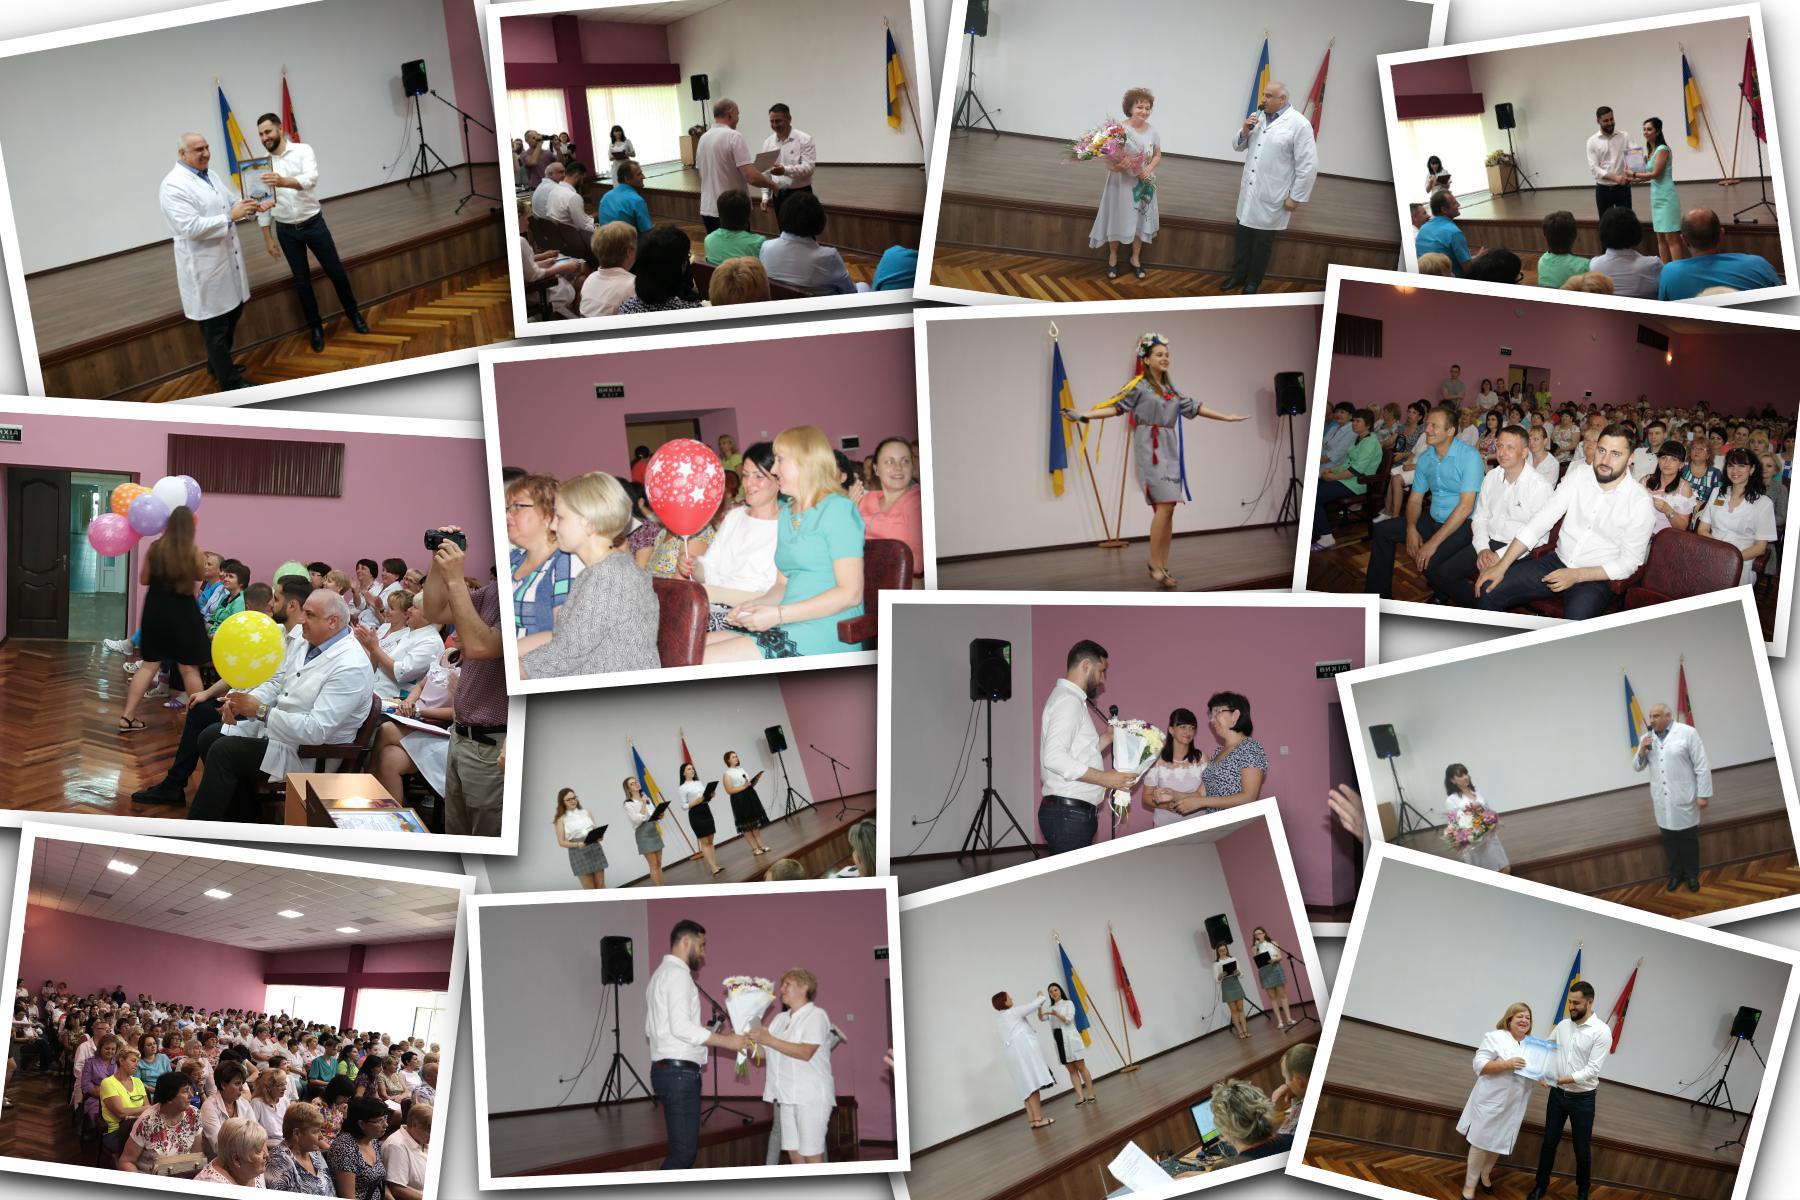 День медичного працівника у лікарні Міська дитяча лікарня №5 детская больница Запорожье